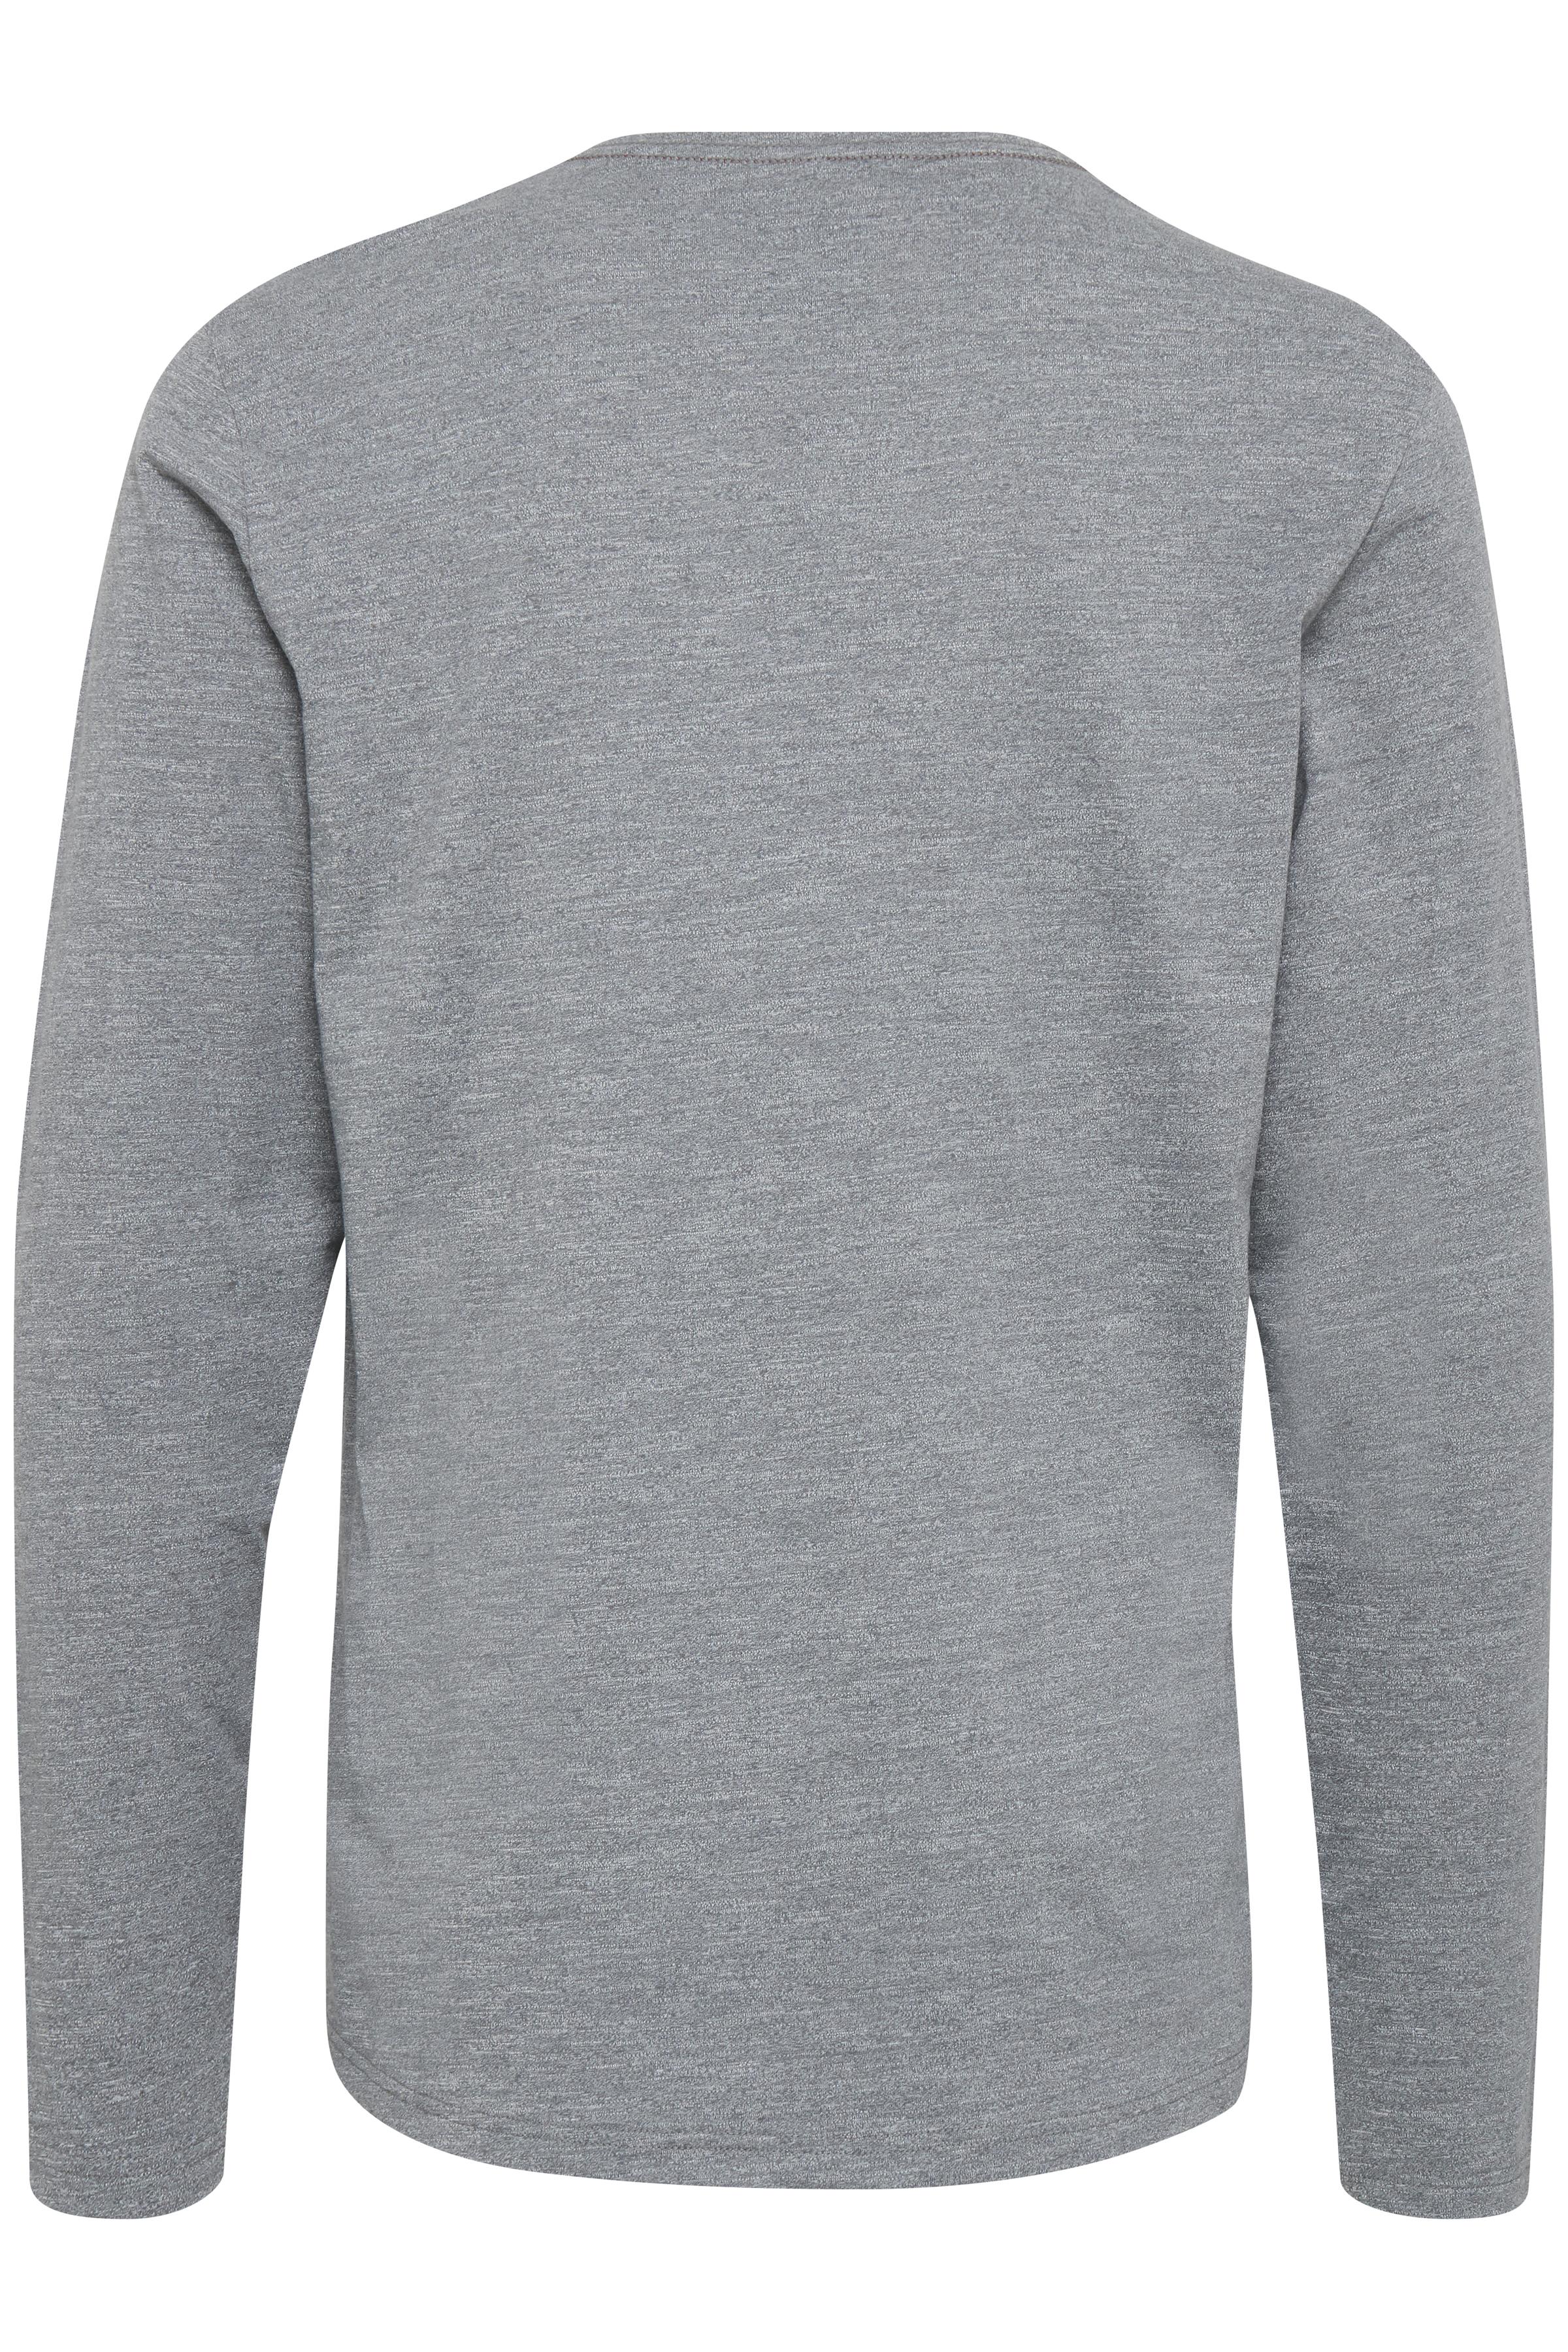 Zink mix Langærmet T-shirt – Køb Zink mix Langærmet T-shirt fra str. S-XXL her